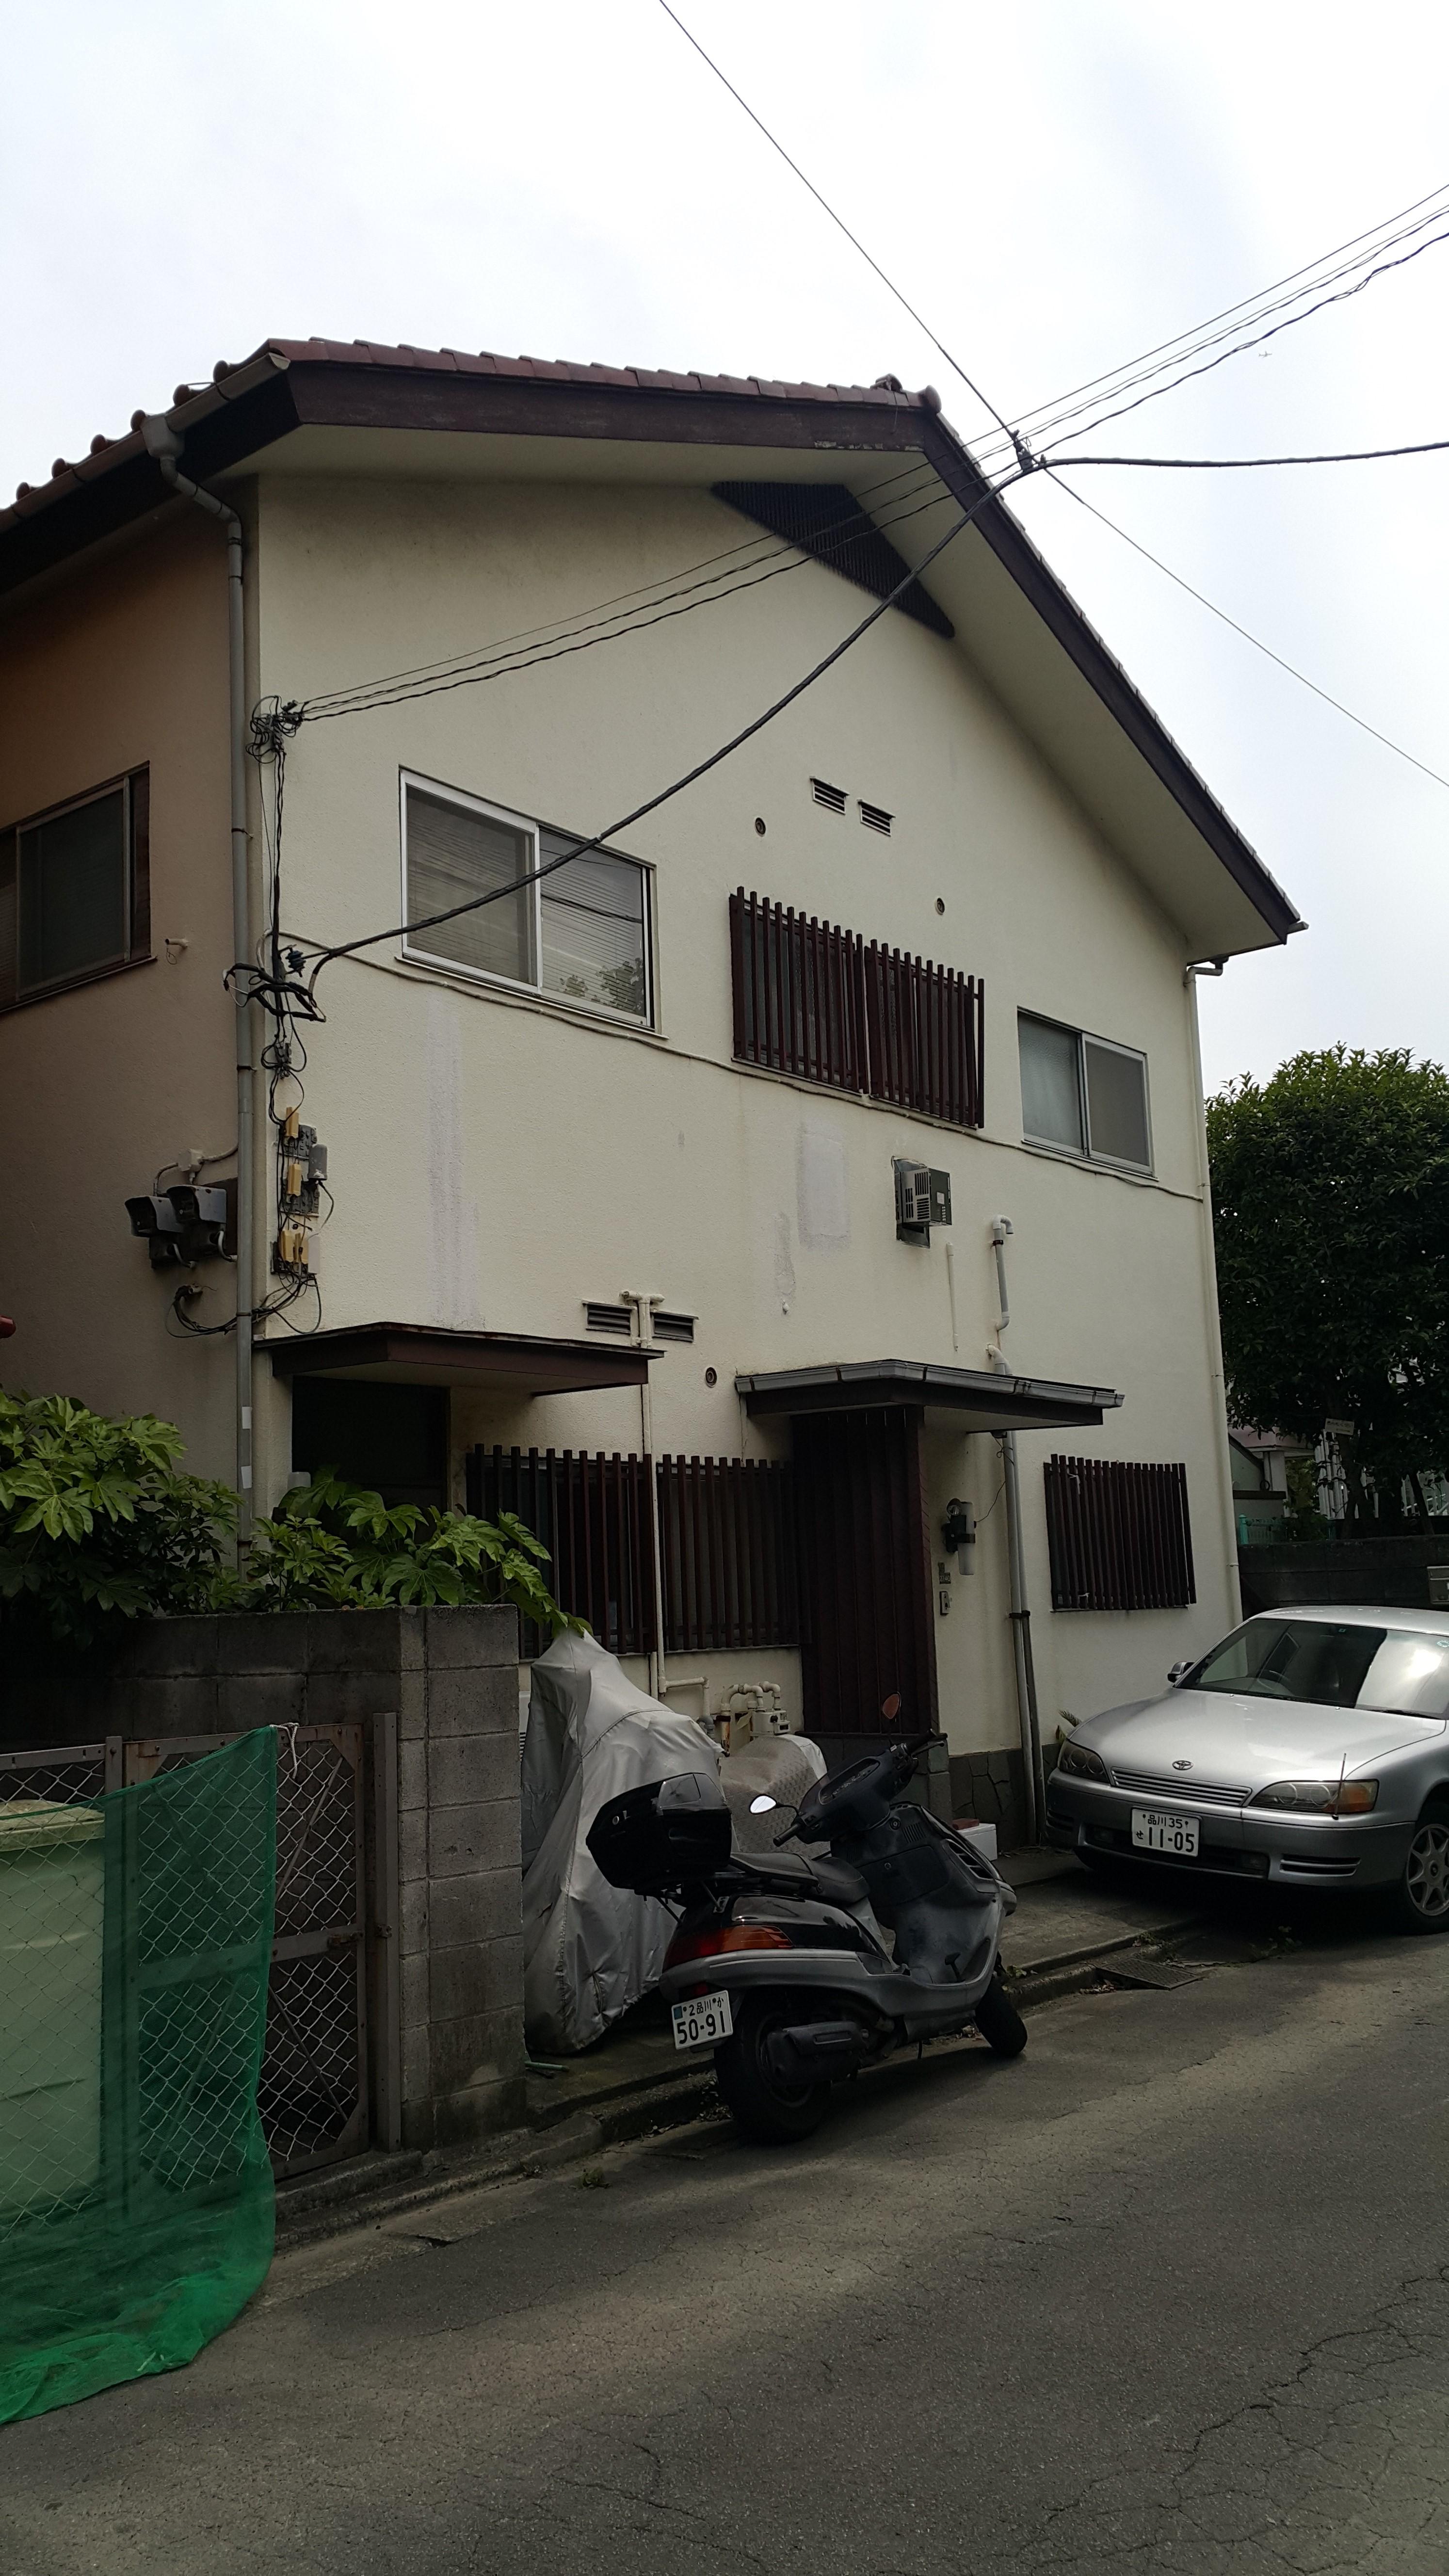 도쿄 세타가야에 있는 야마모토 여사의 집. 그녀가 한국으로 건너가기 전 살던 집터에 50여년 전 다시 지은 집이다. 1953년 이중섭이 잠시 가족을 보러 왔을 땐 이 집터에 있던 친정에 살고 있었다./김미리 기자